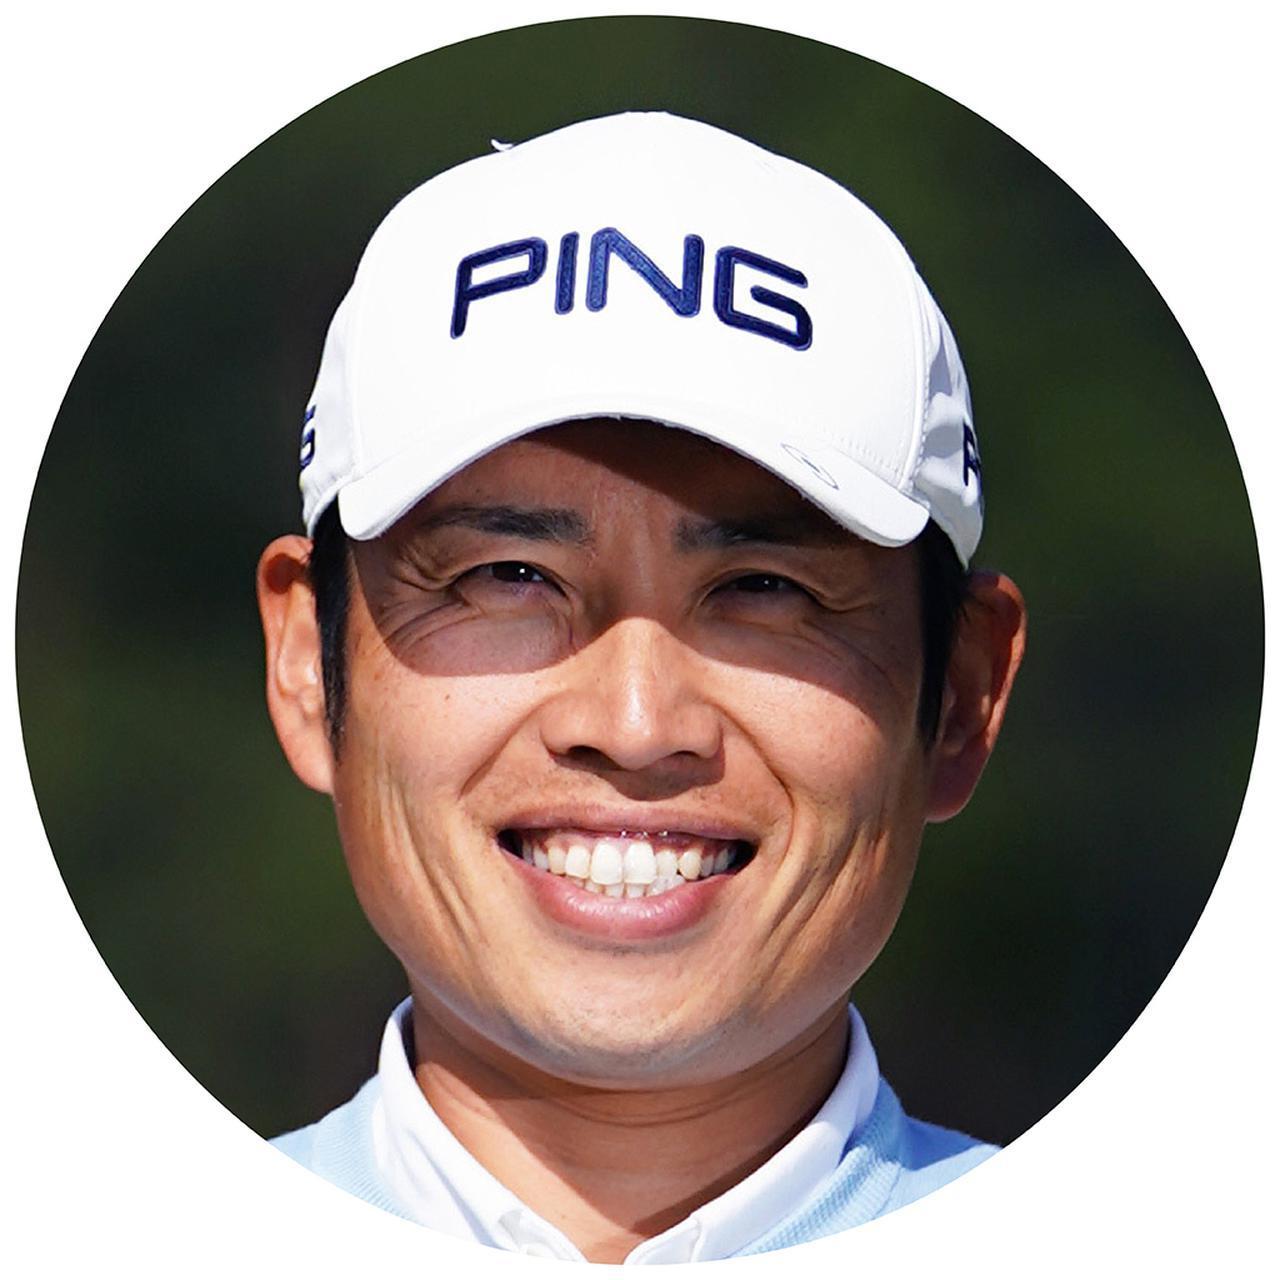 画像: 青木翔 あおきしょう。1983年生まれ、福岡県出身。渋野日向子をはじめ三ヶ島かな、野澤真央などツアープロをはじめ有望なジュニアゴルファーの育成にあたっている。現在、弊誌にて『笑顔のレシピ』を連載中。先月、自身が唱えるコーチング論を語った『打ち方を教えない。』を上梓。2020レッスン・オブ・ザ・イヤー受賞